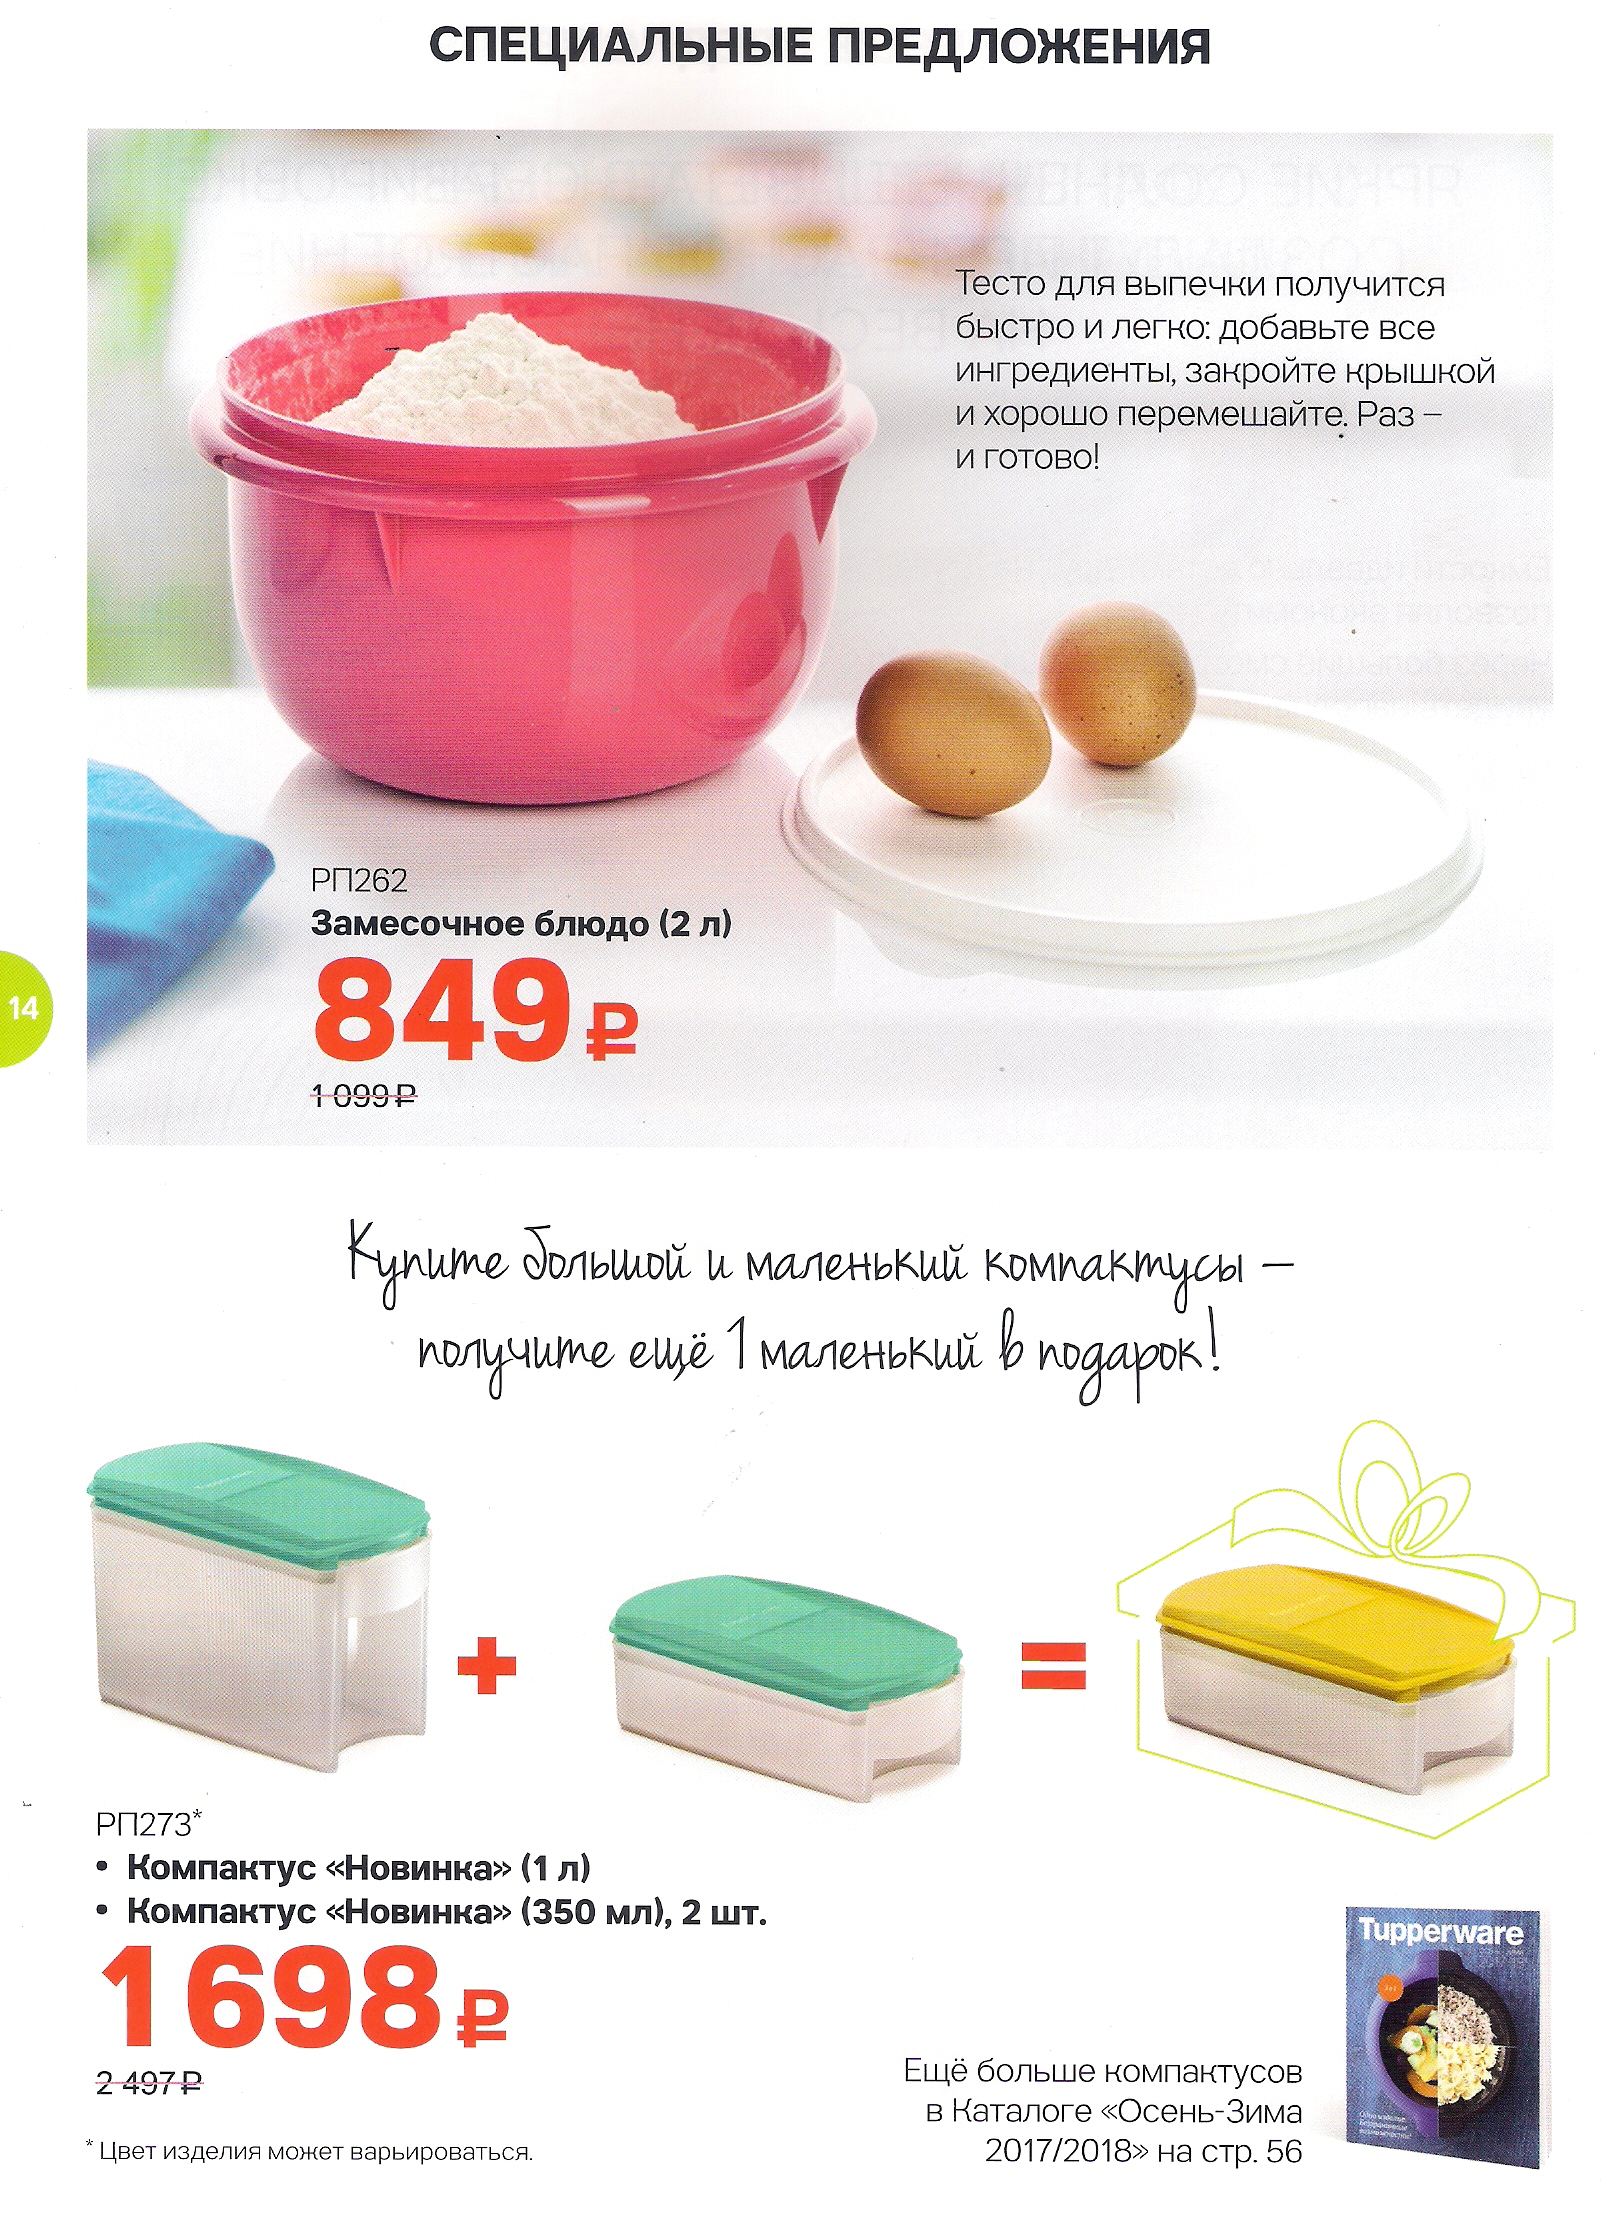 http://tupperware-online.ru/images/upload/13о.jpg